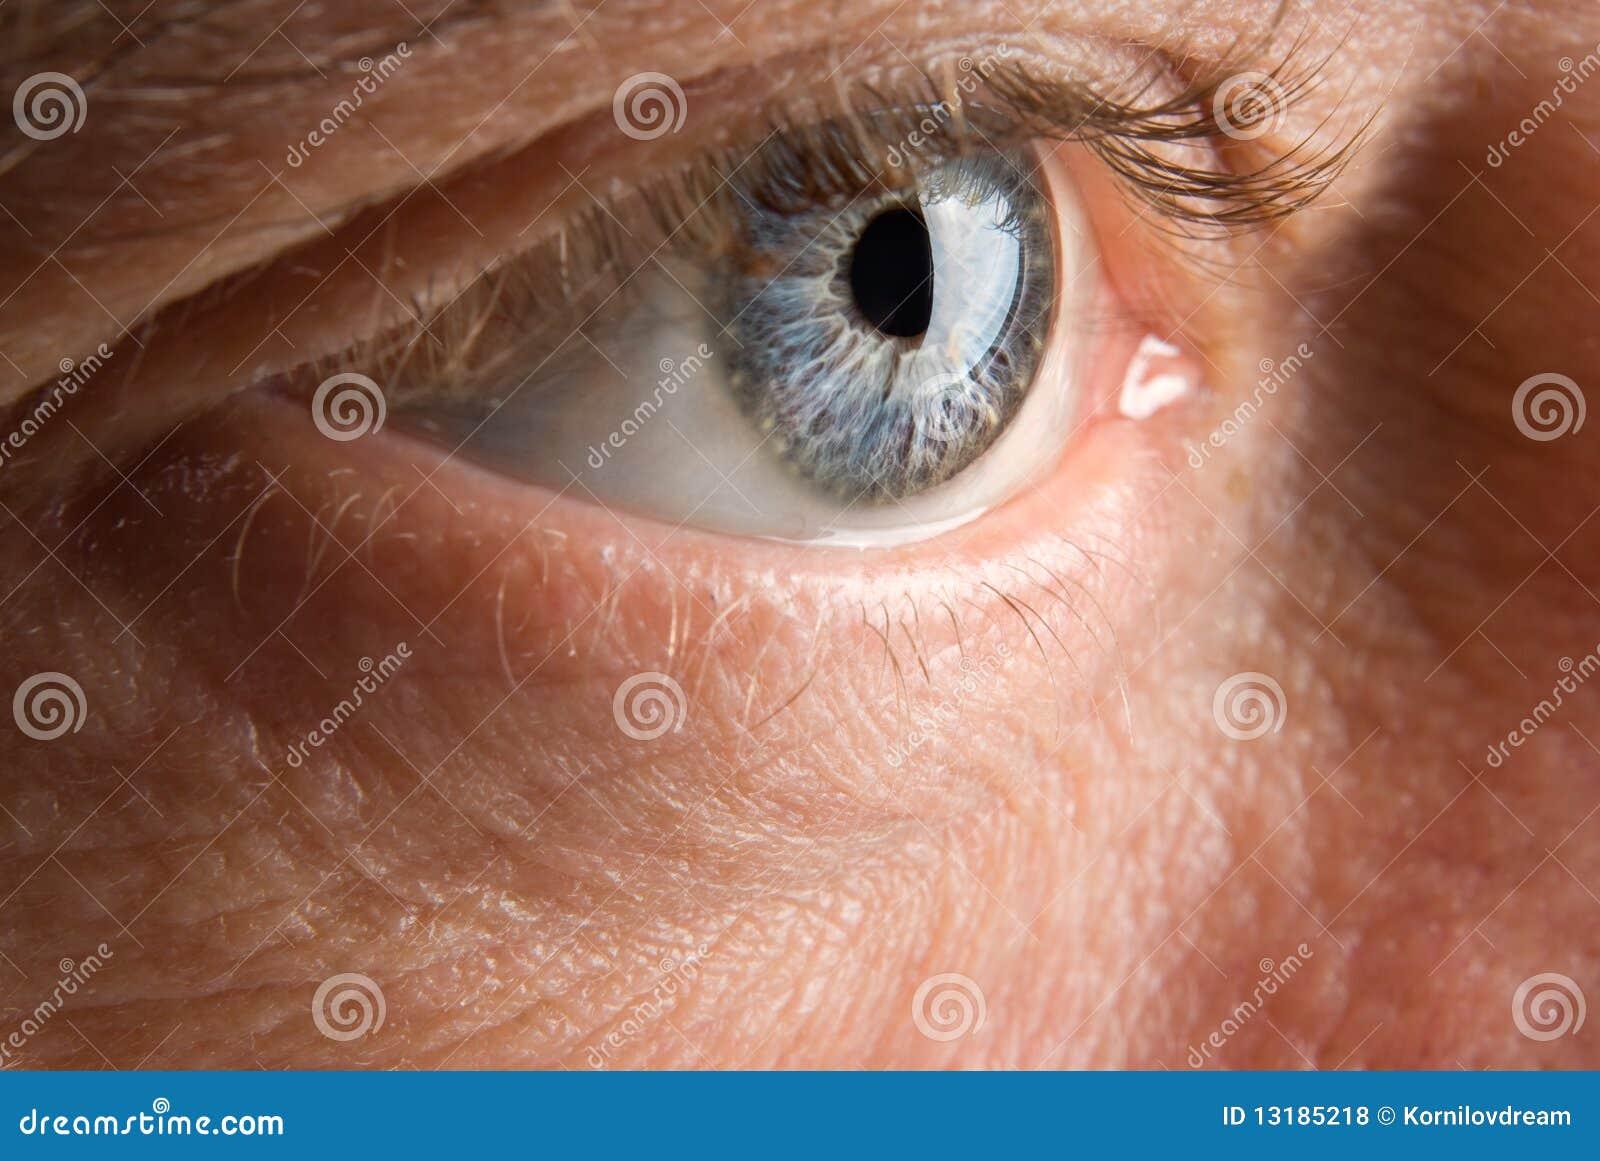 Ευρέως ανοικτό ηλικιωμένο ανθρώπινο μάτι